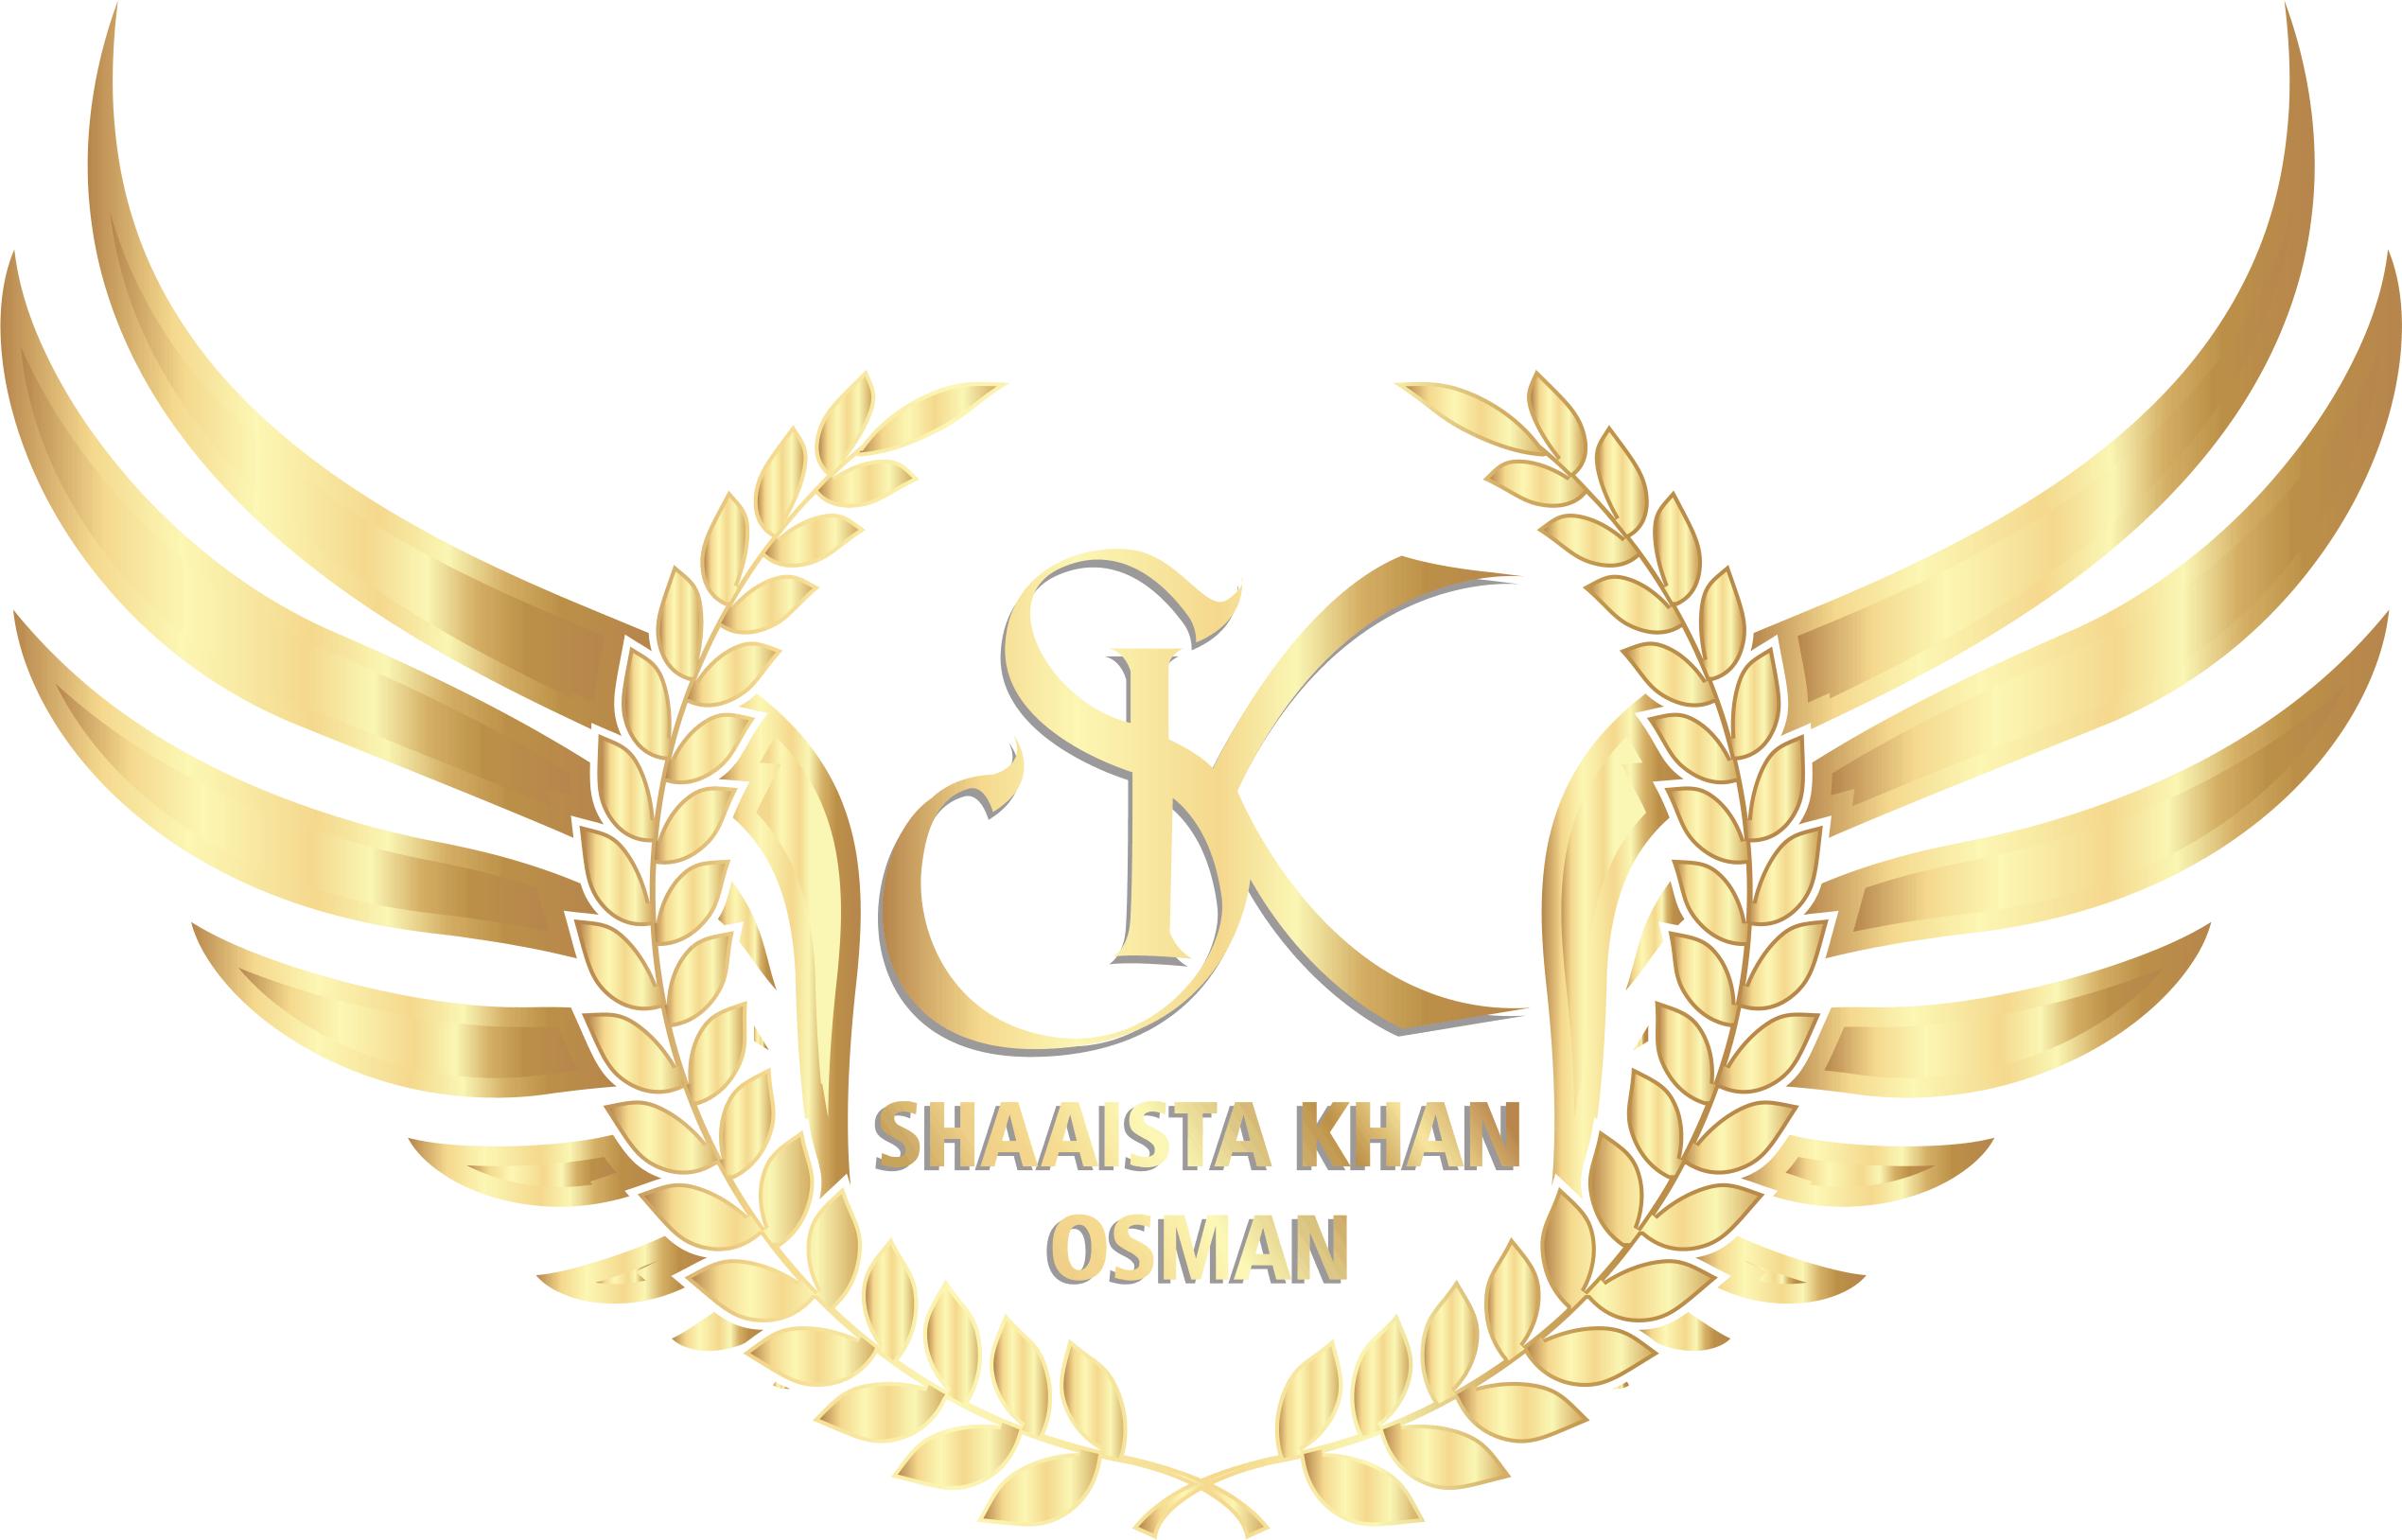 Shaaista Khan Osman